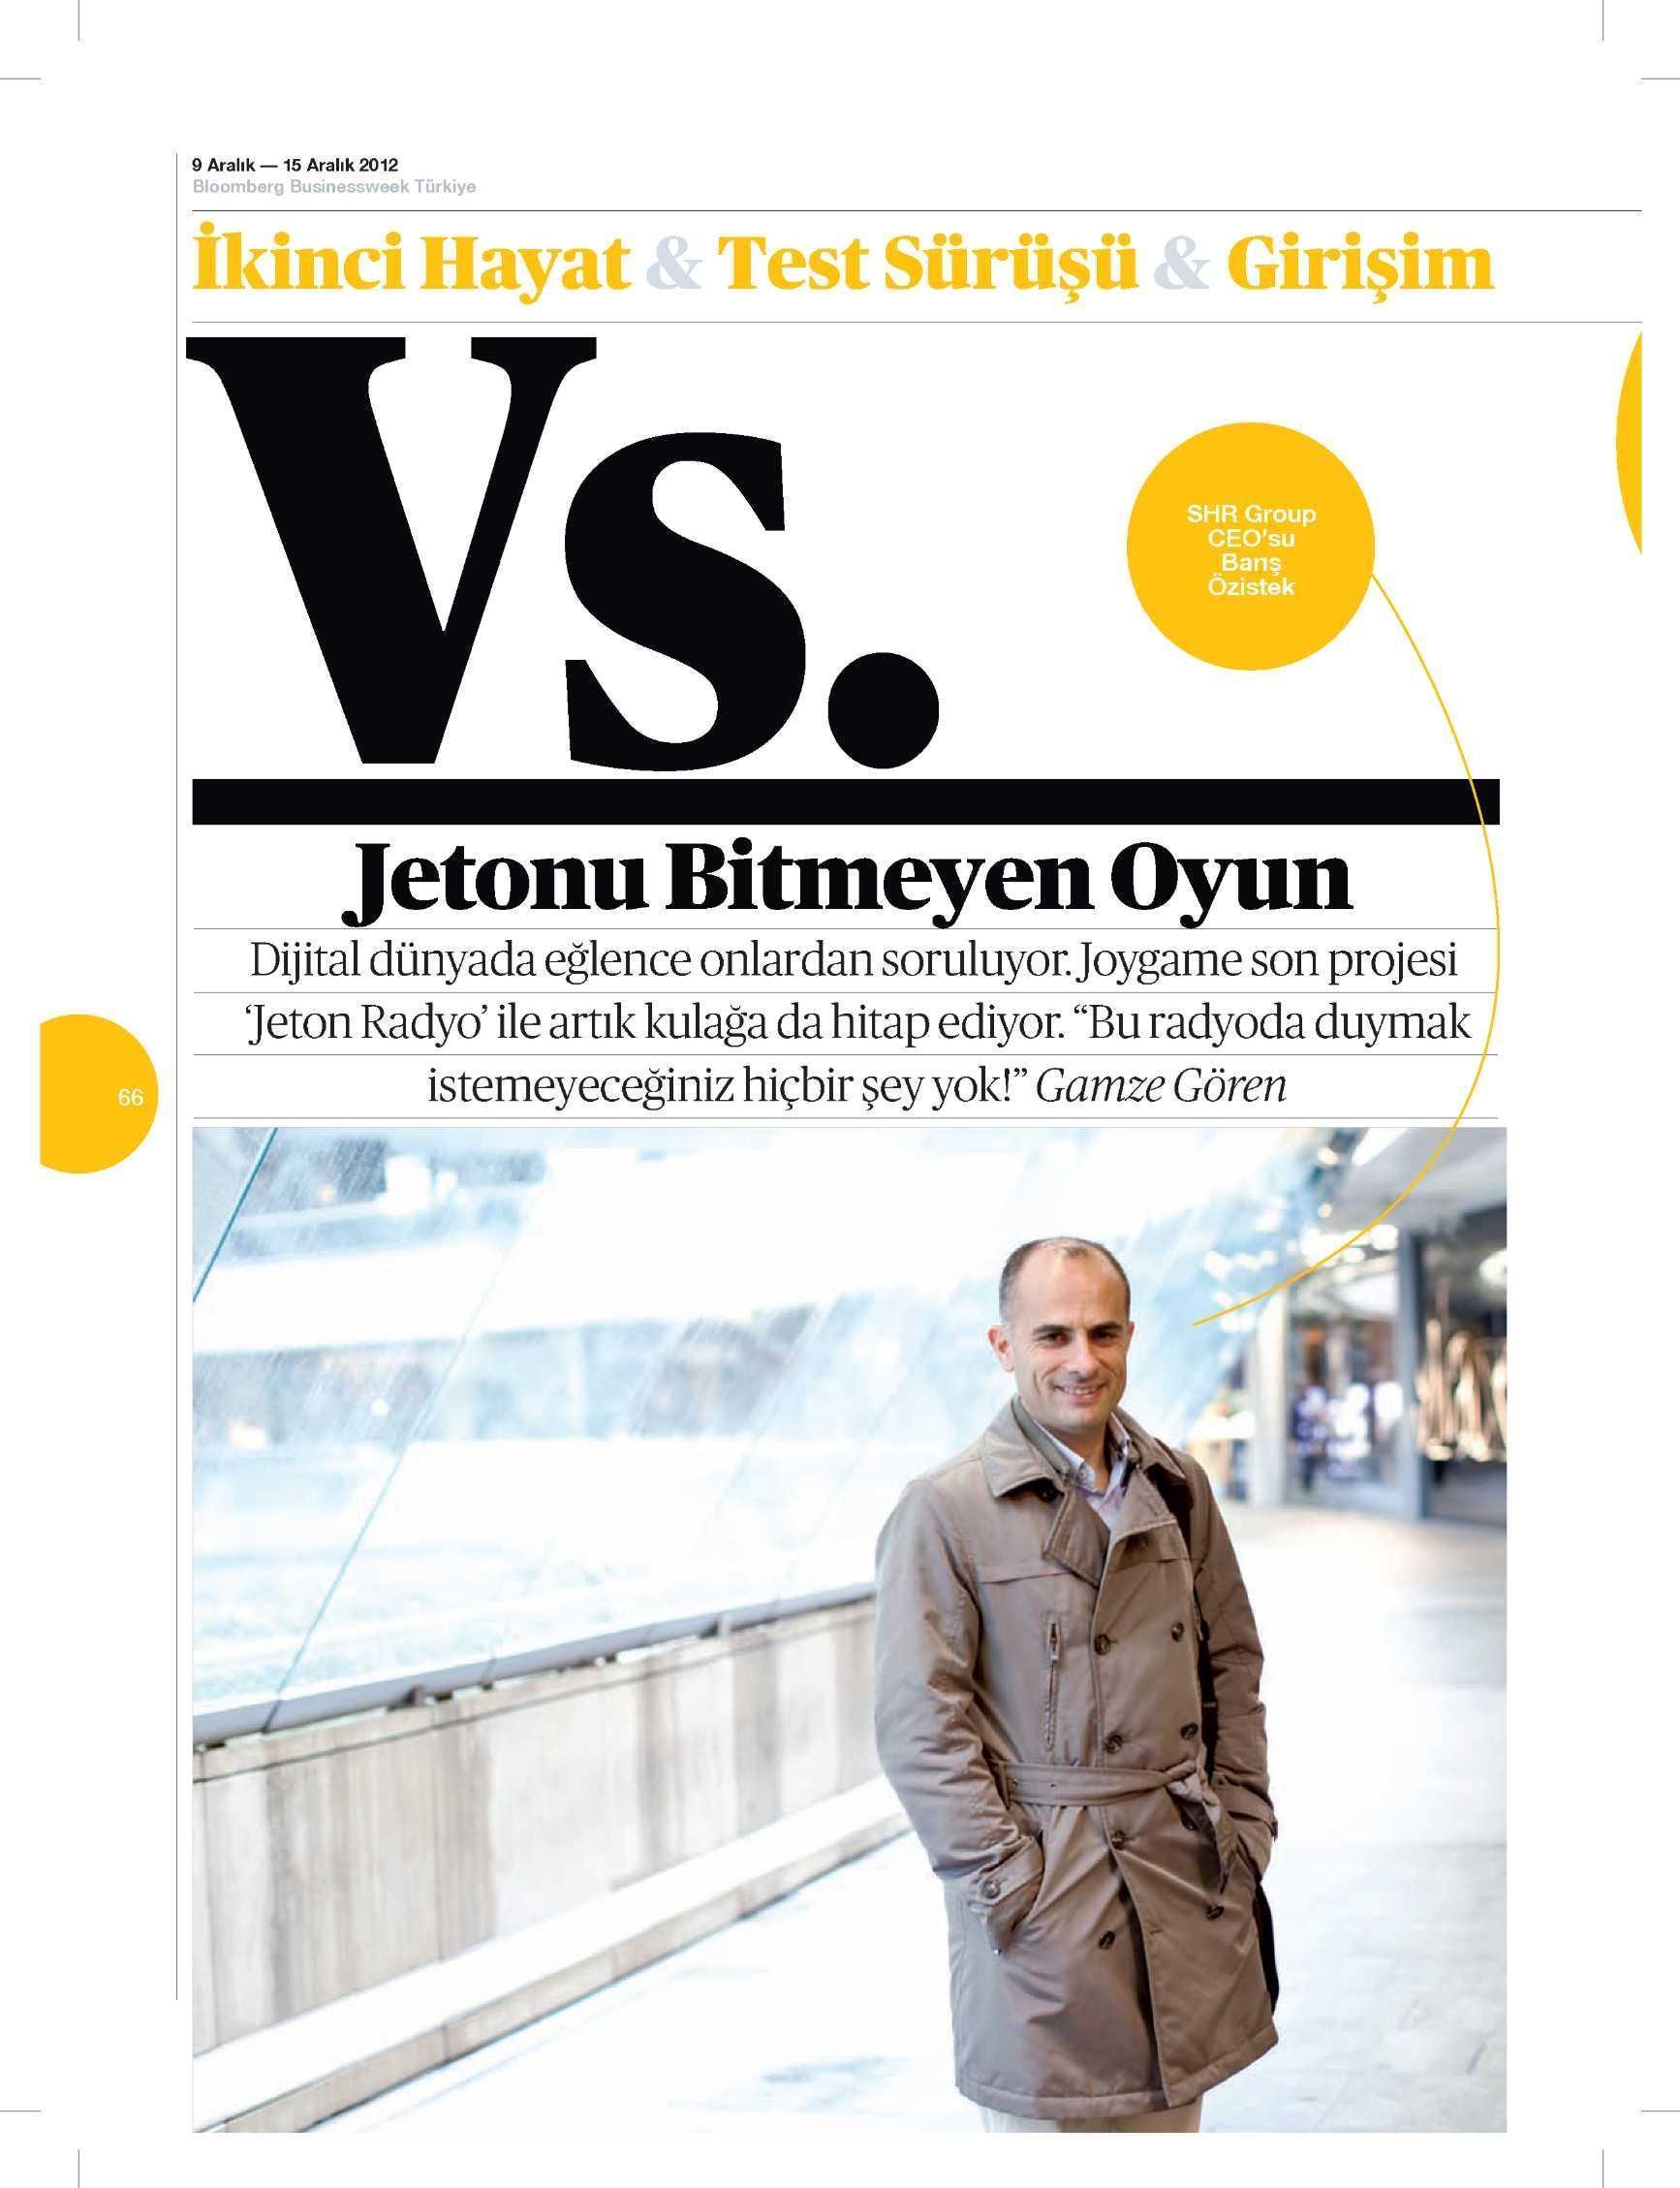 Netmarble-Turkey-Bloomberg-Businessweek-Turkiye-Sayfa-66-9-Aralik-2012-1